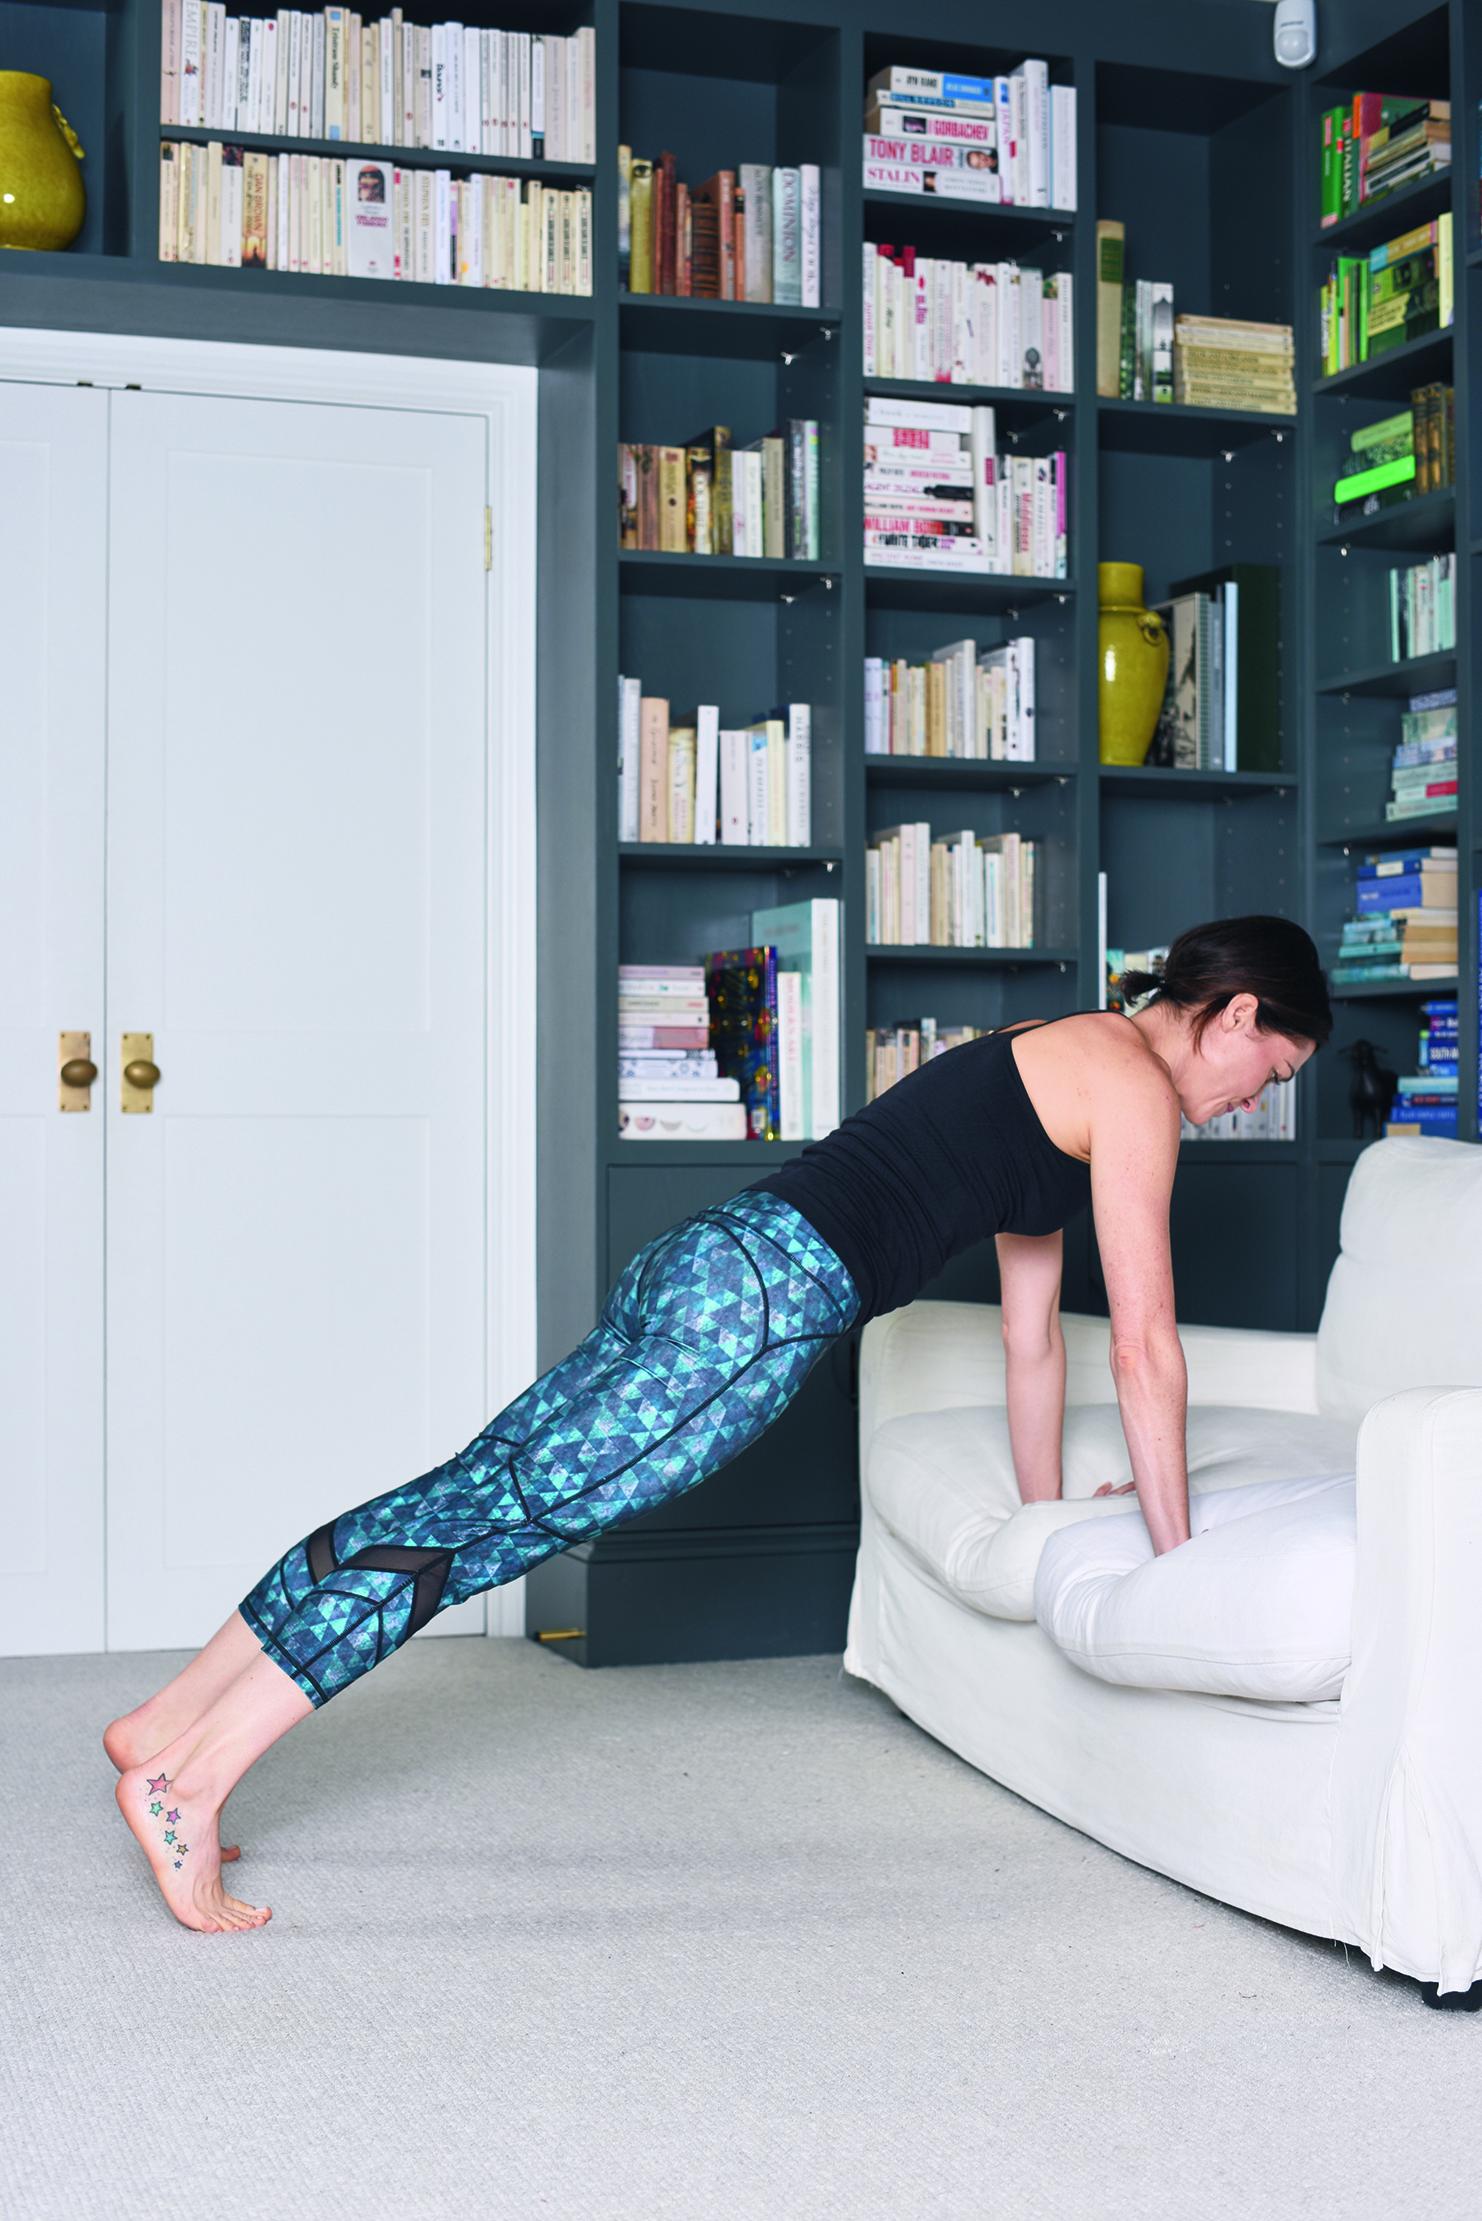 sofa squat thrusts